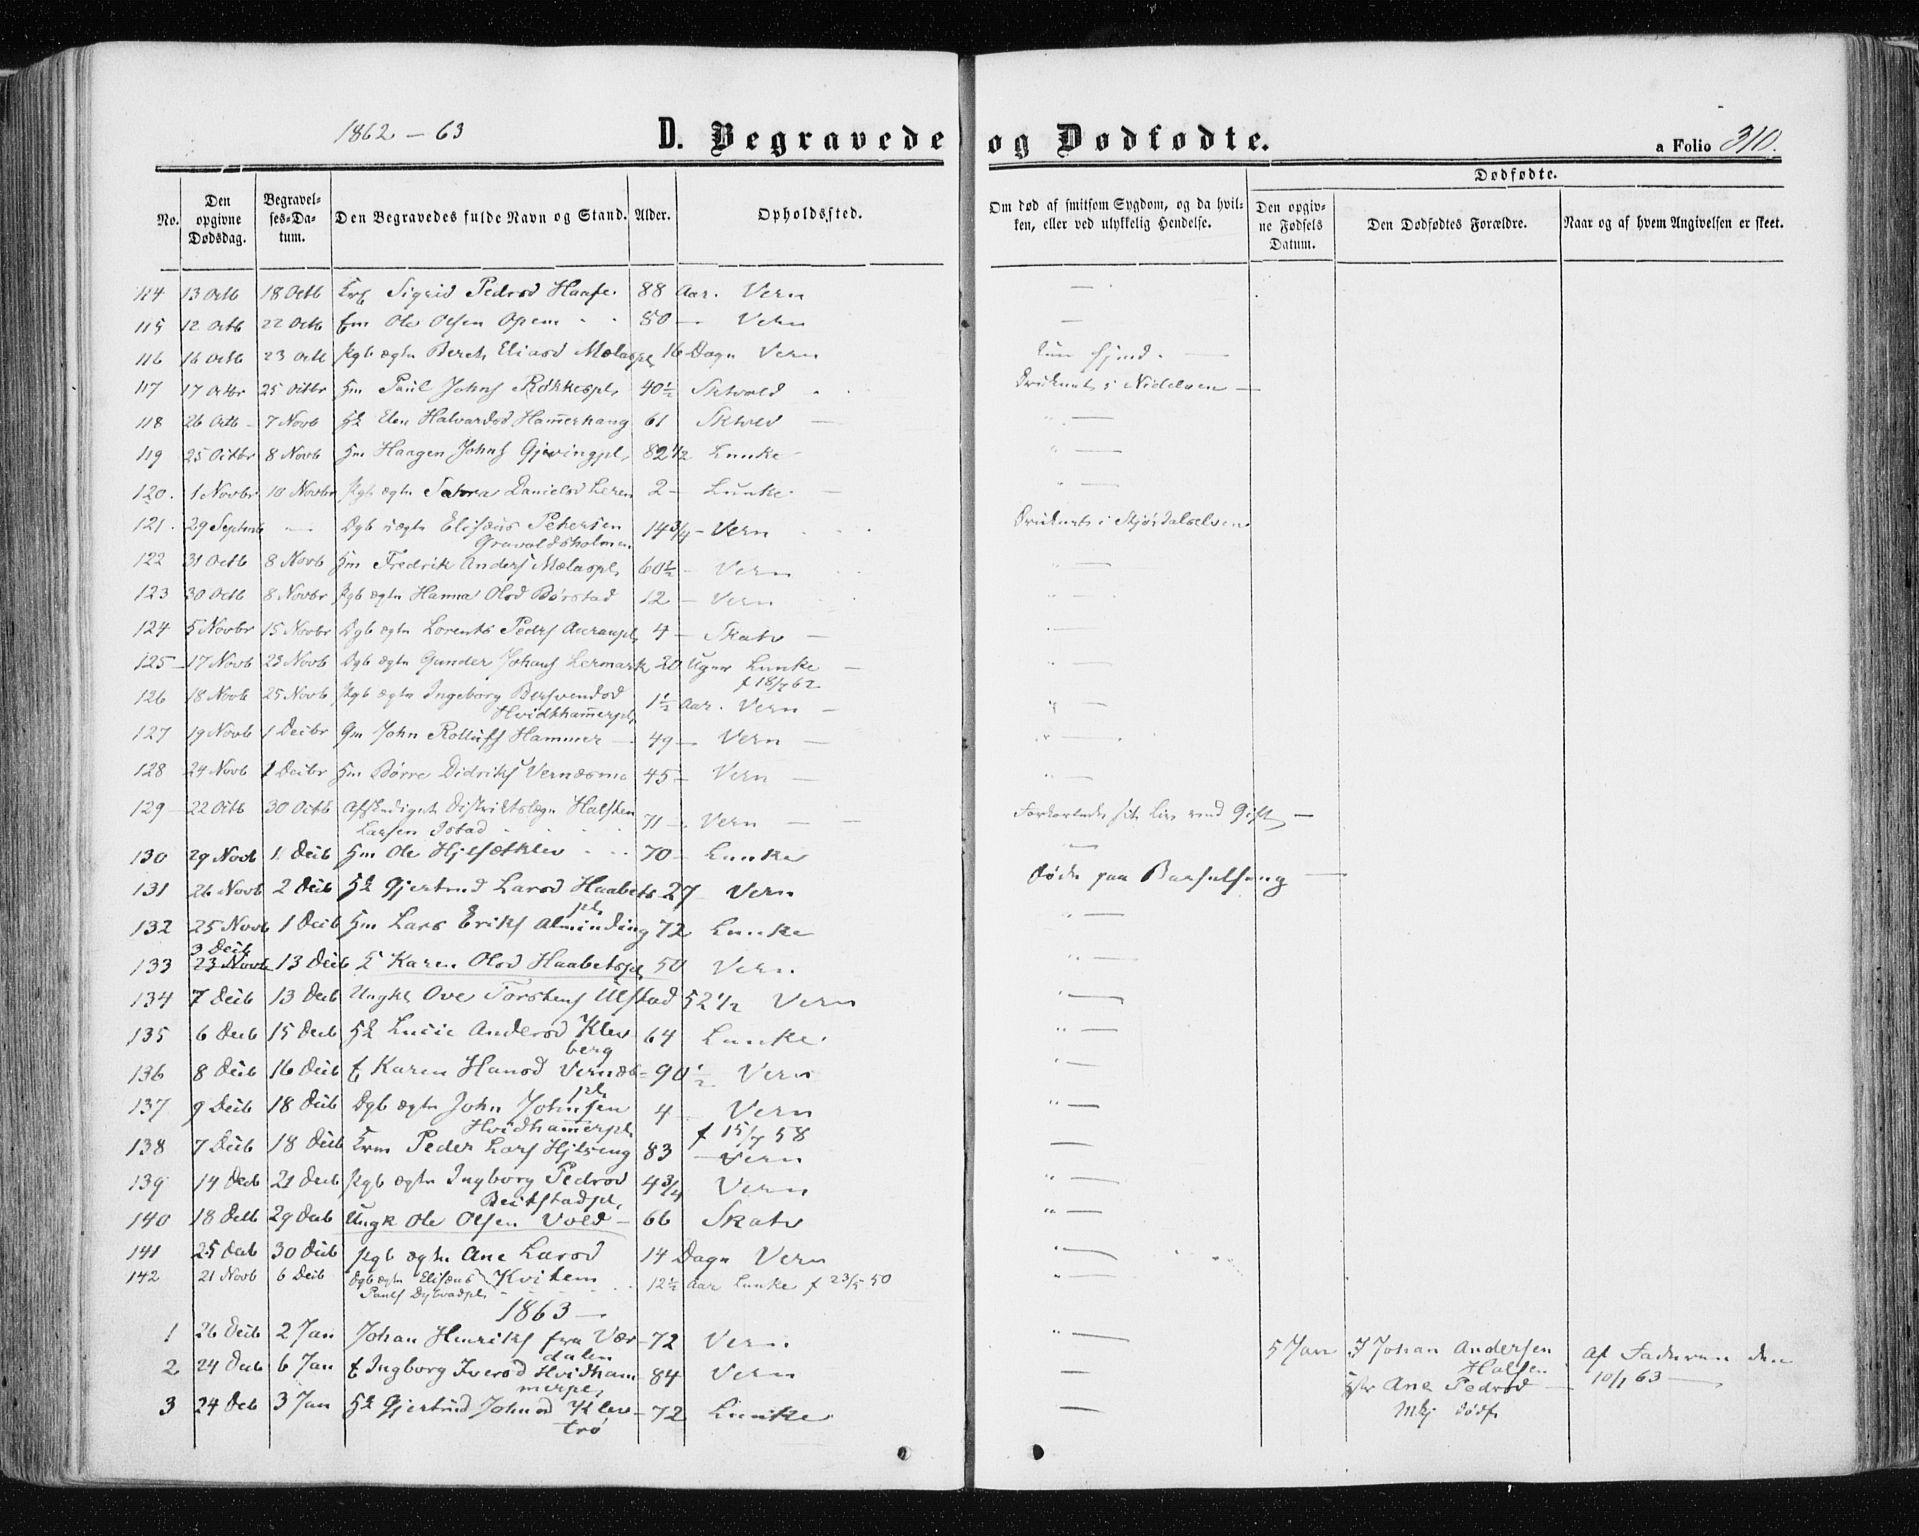 SAT, Ministerialprotokoller, klokkerbøker og fødselsregistre - Nord-Trøndelag, 709/L0075: Ministerialbok nr. 709A15, 1859-1870, s. 310